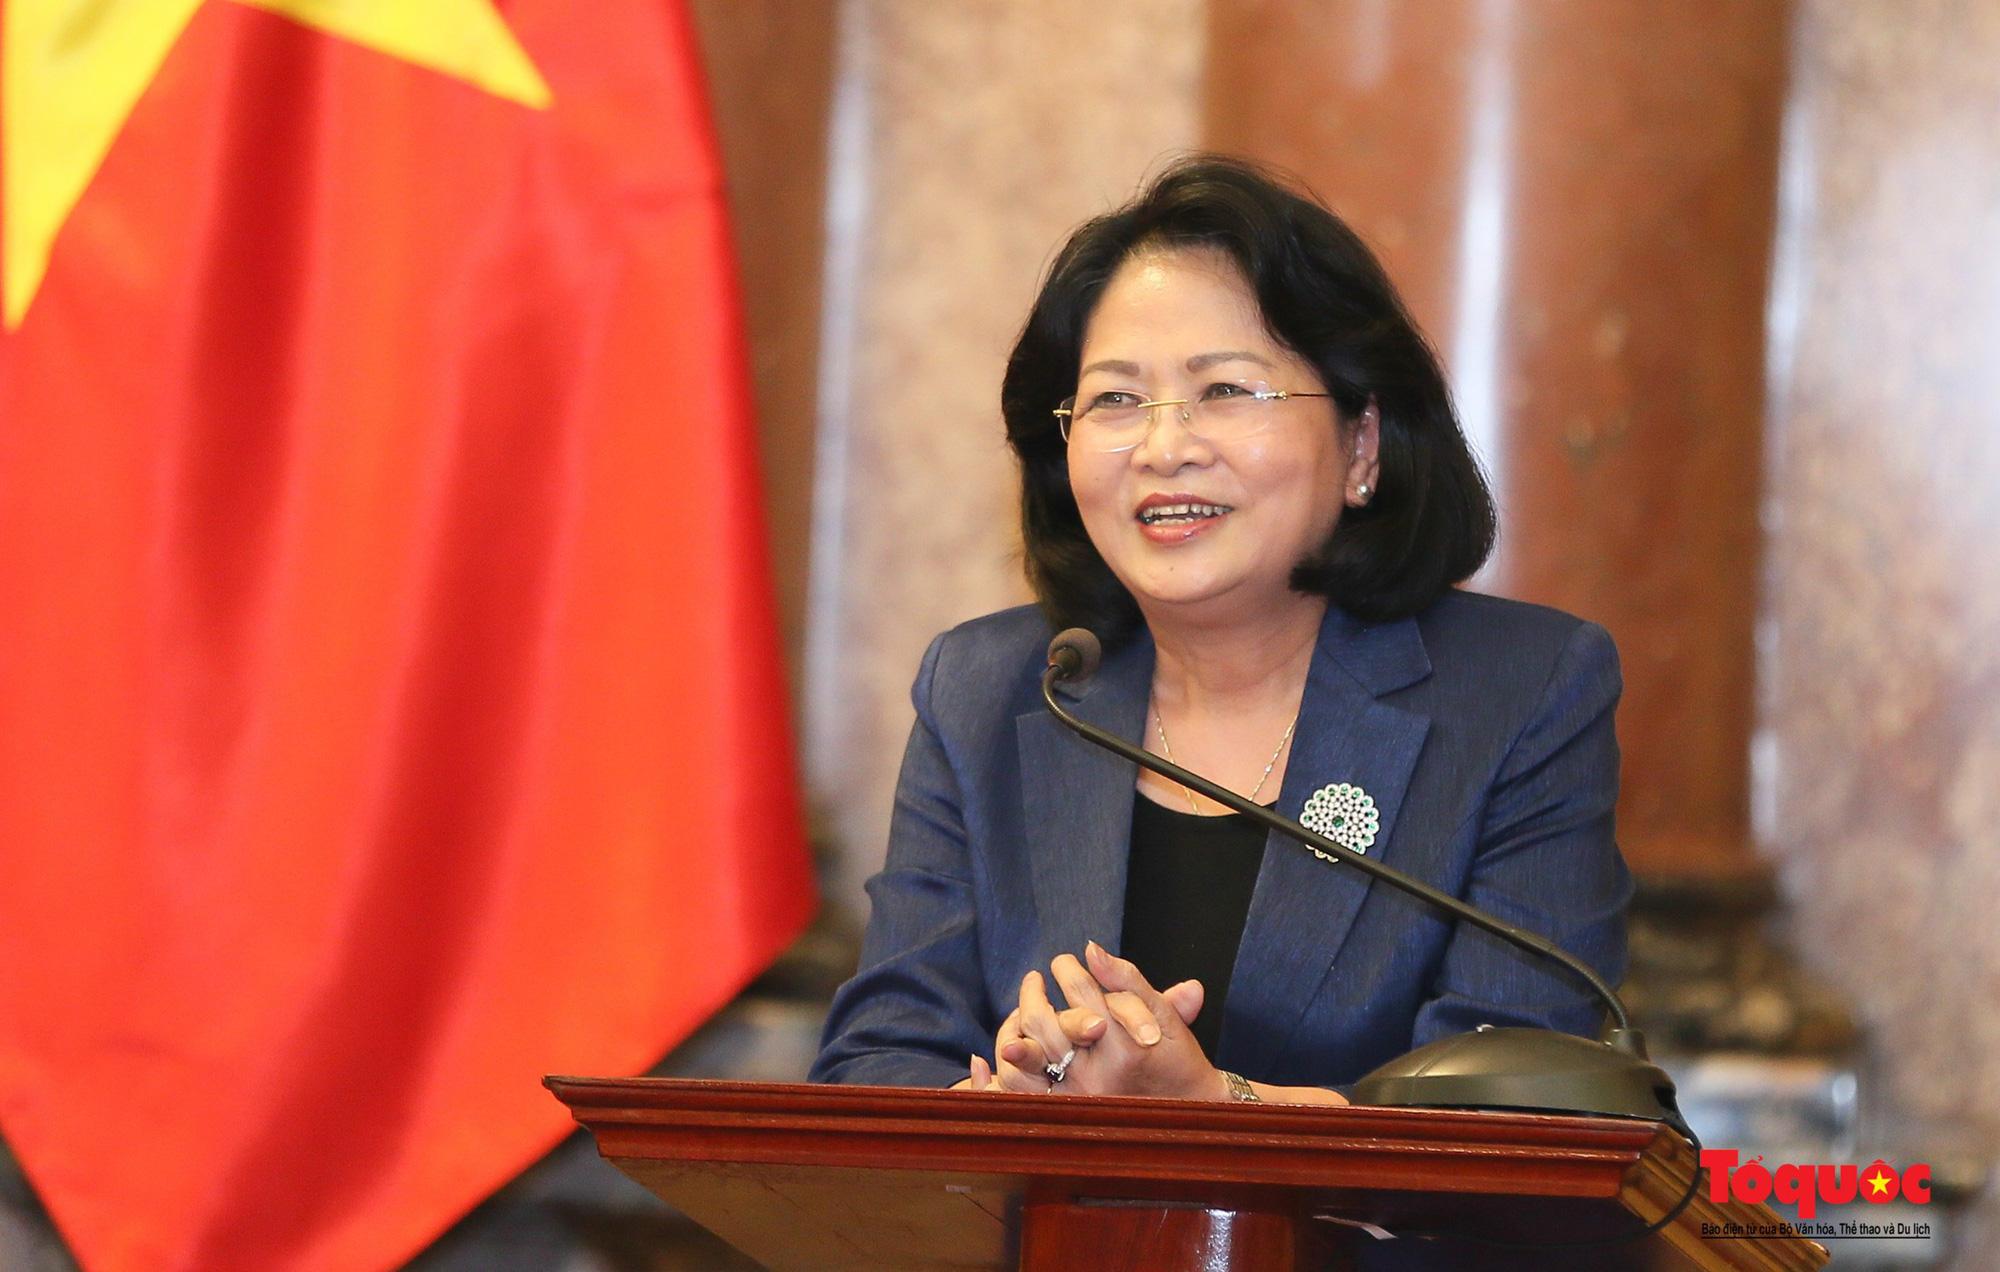 Thứ trưởng Bộ VHTTDL Lê Khánh Hải được bổ nhiệm làm Phó Chủ nhiệm Văn phòng Chủ tịch nước - Ảnh 2.